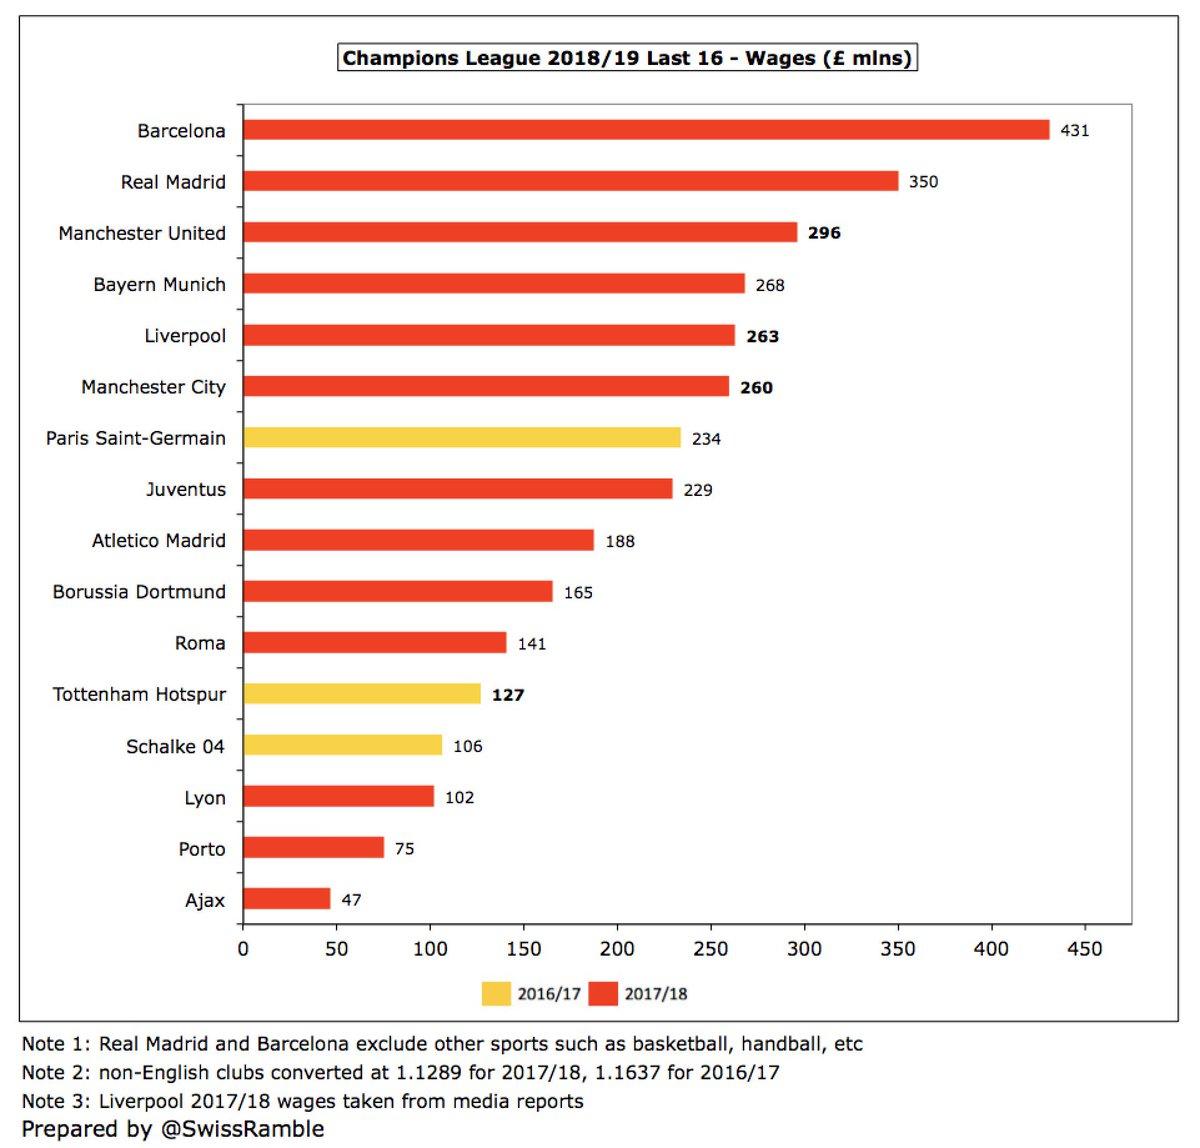 بررسی حقوق پرداختی باشگاههای حاضر در مرحله حذفی لیگ قهرمانان و لیگ اروپا؛ بارسلونا بیشترین دستمزد را میدهد